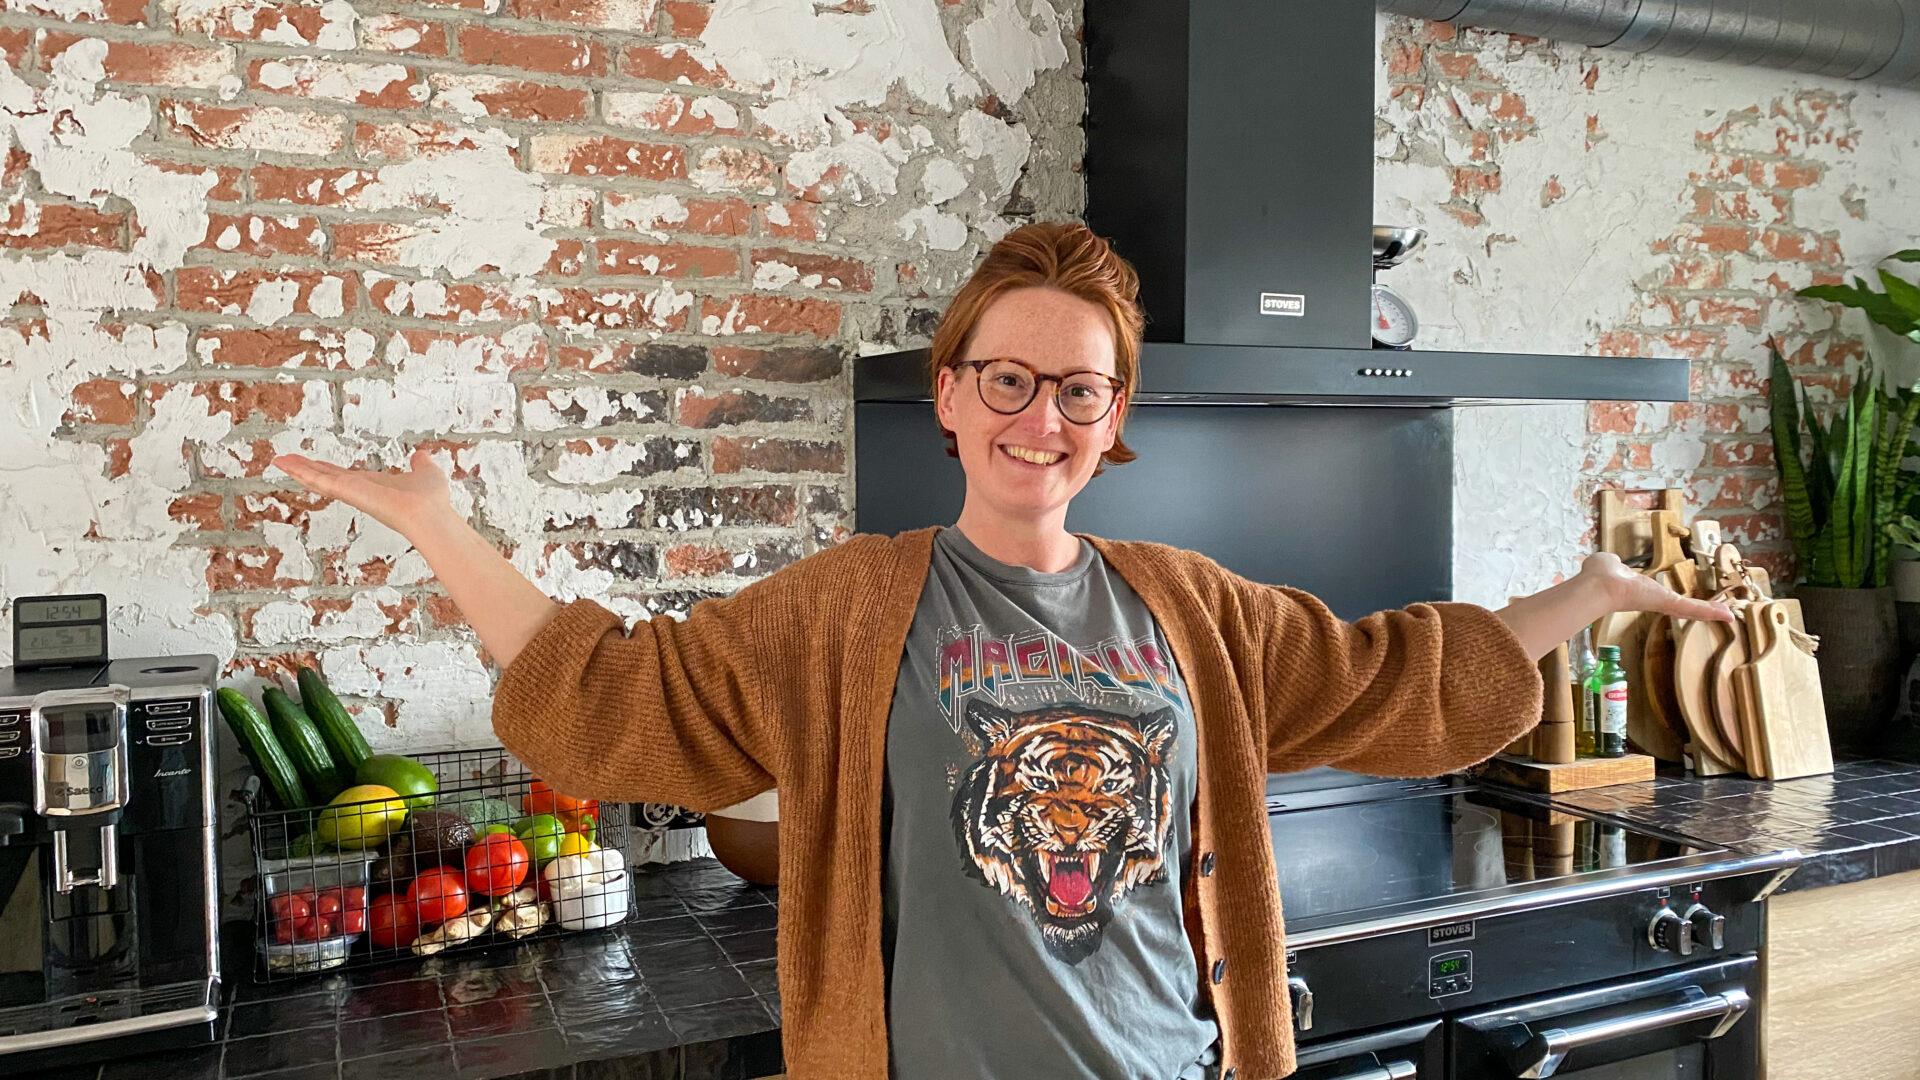 Een kijkje in onze nieuwe keuken